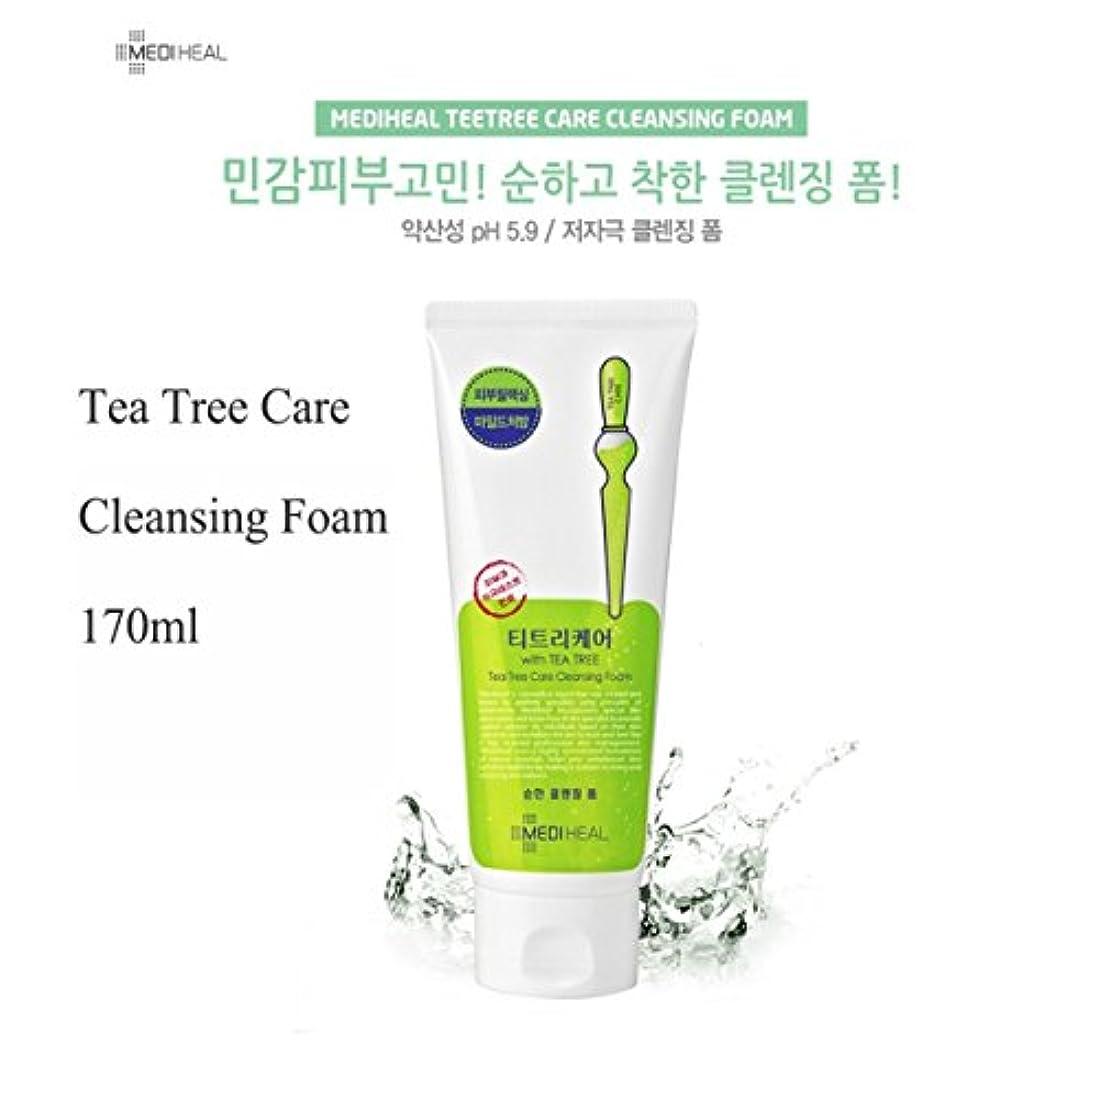 ラテンクリーク陸軍MEDIHEAL Tea Tree Foam Cleansing 170ml/メディヒール ティー ツリー フォーム クレンジング 170ml